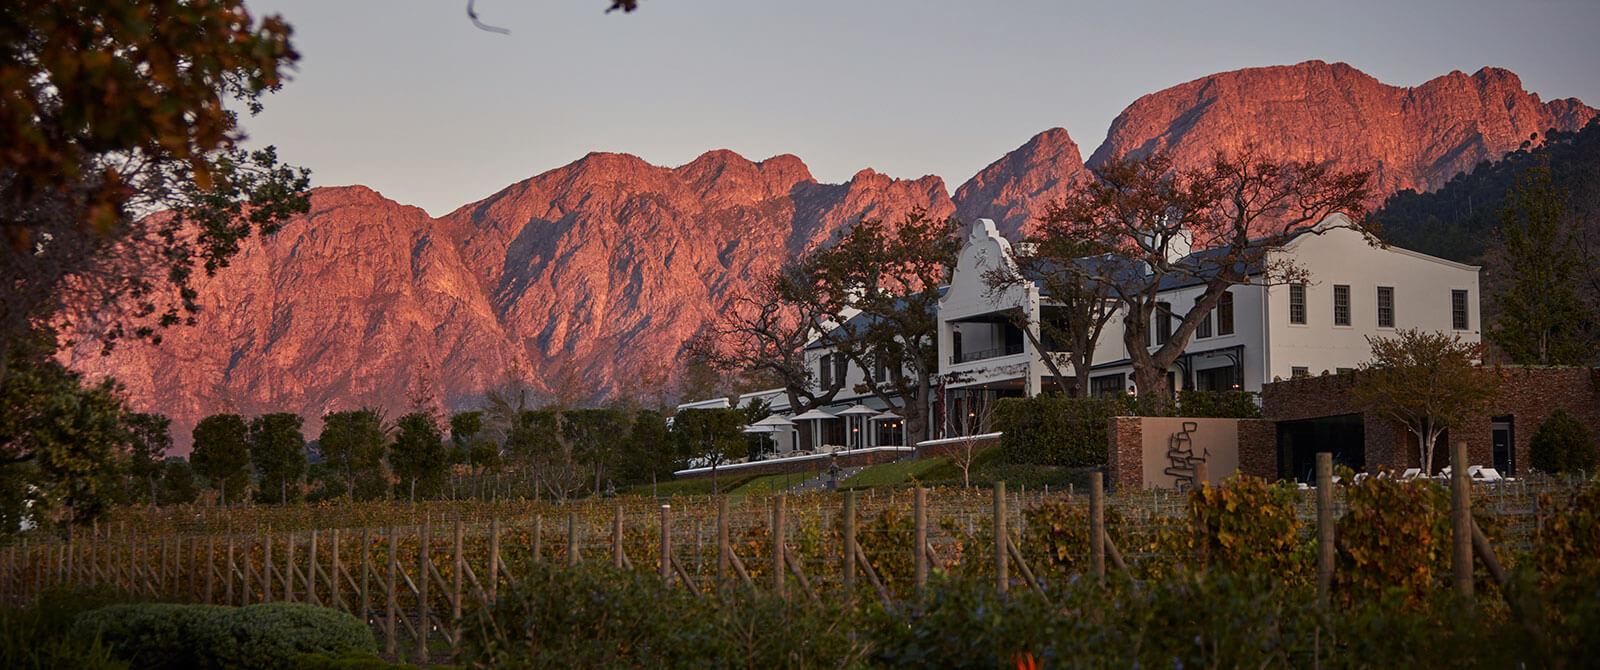 Leeu Estates Franschhoek - Cape Winelands - South Africa Travel Packages